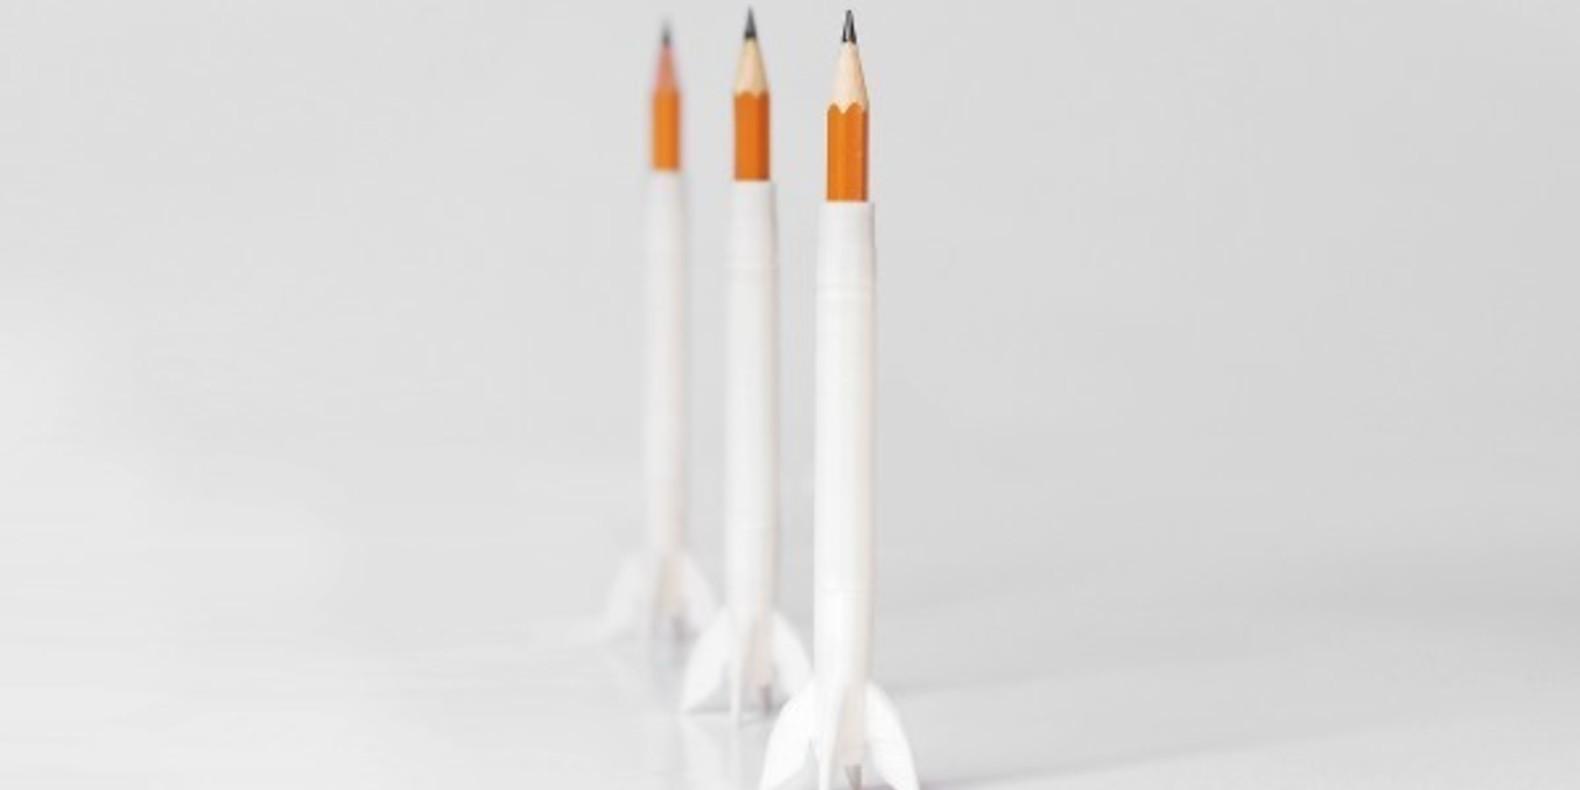 http://fichier3d.fr/wp-content/uploads/2016/02/Rocket-extendeur-agrandisseur-crayon-à-papier-fusée-fichier-3D-stl-impression-3D-cults-5.jpg